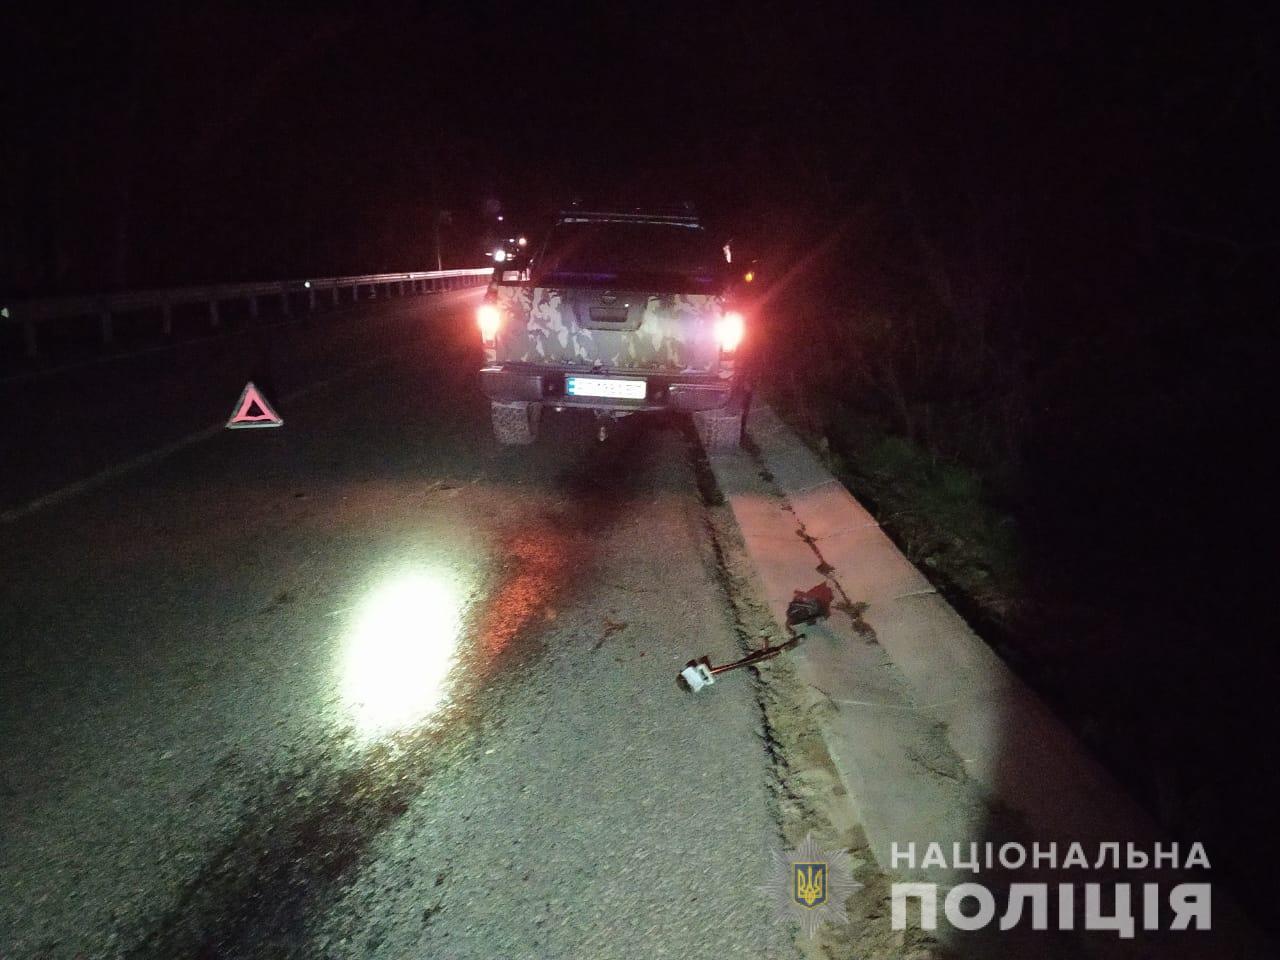 Поистине ужасающее ДТП в Закарпатье: Одно неверное решение привело к кошмарной смерти человека